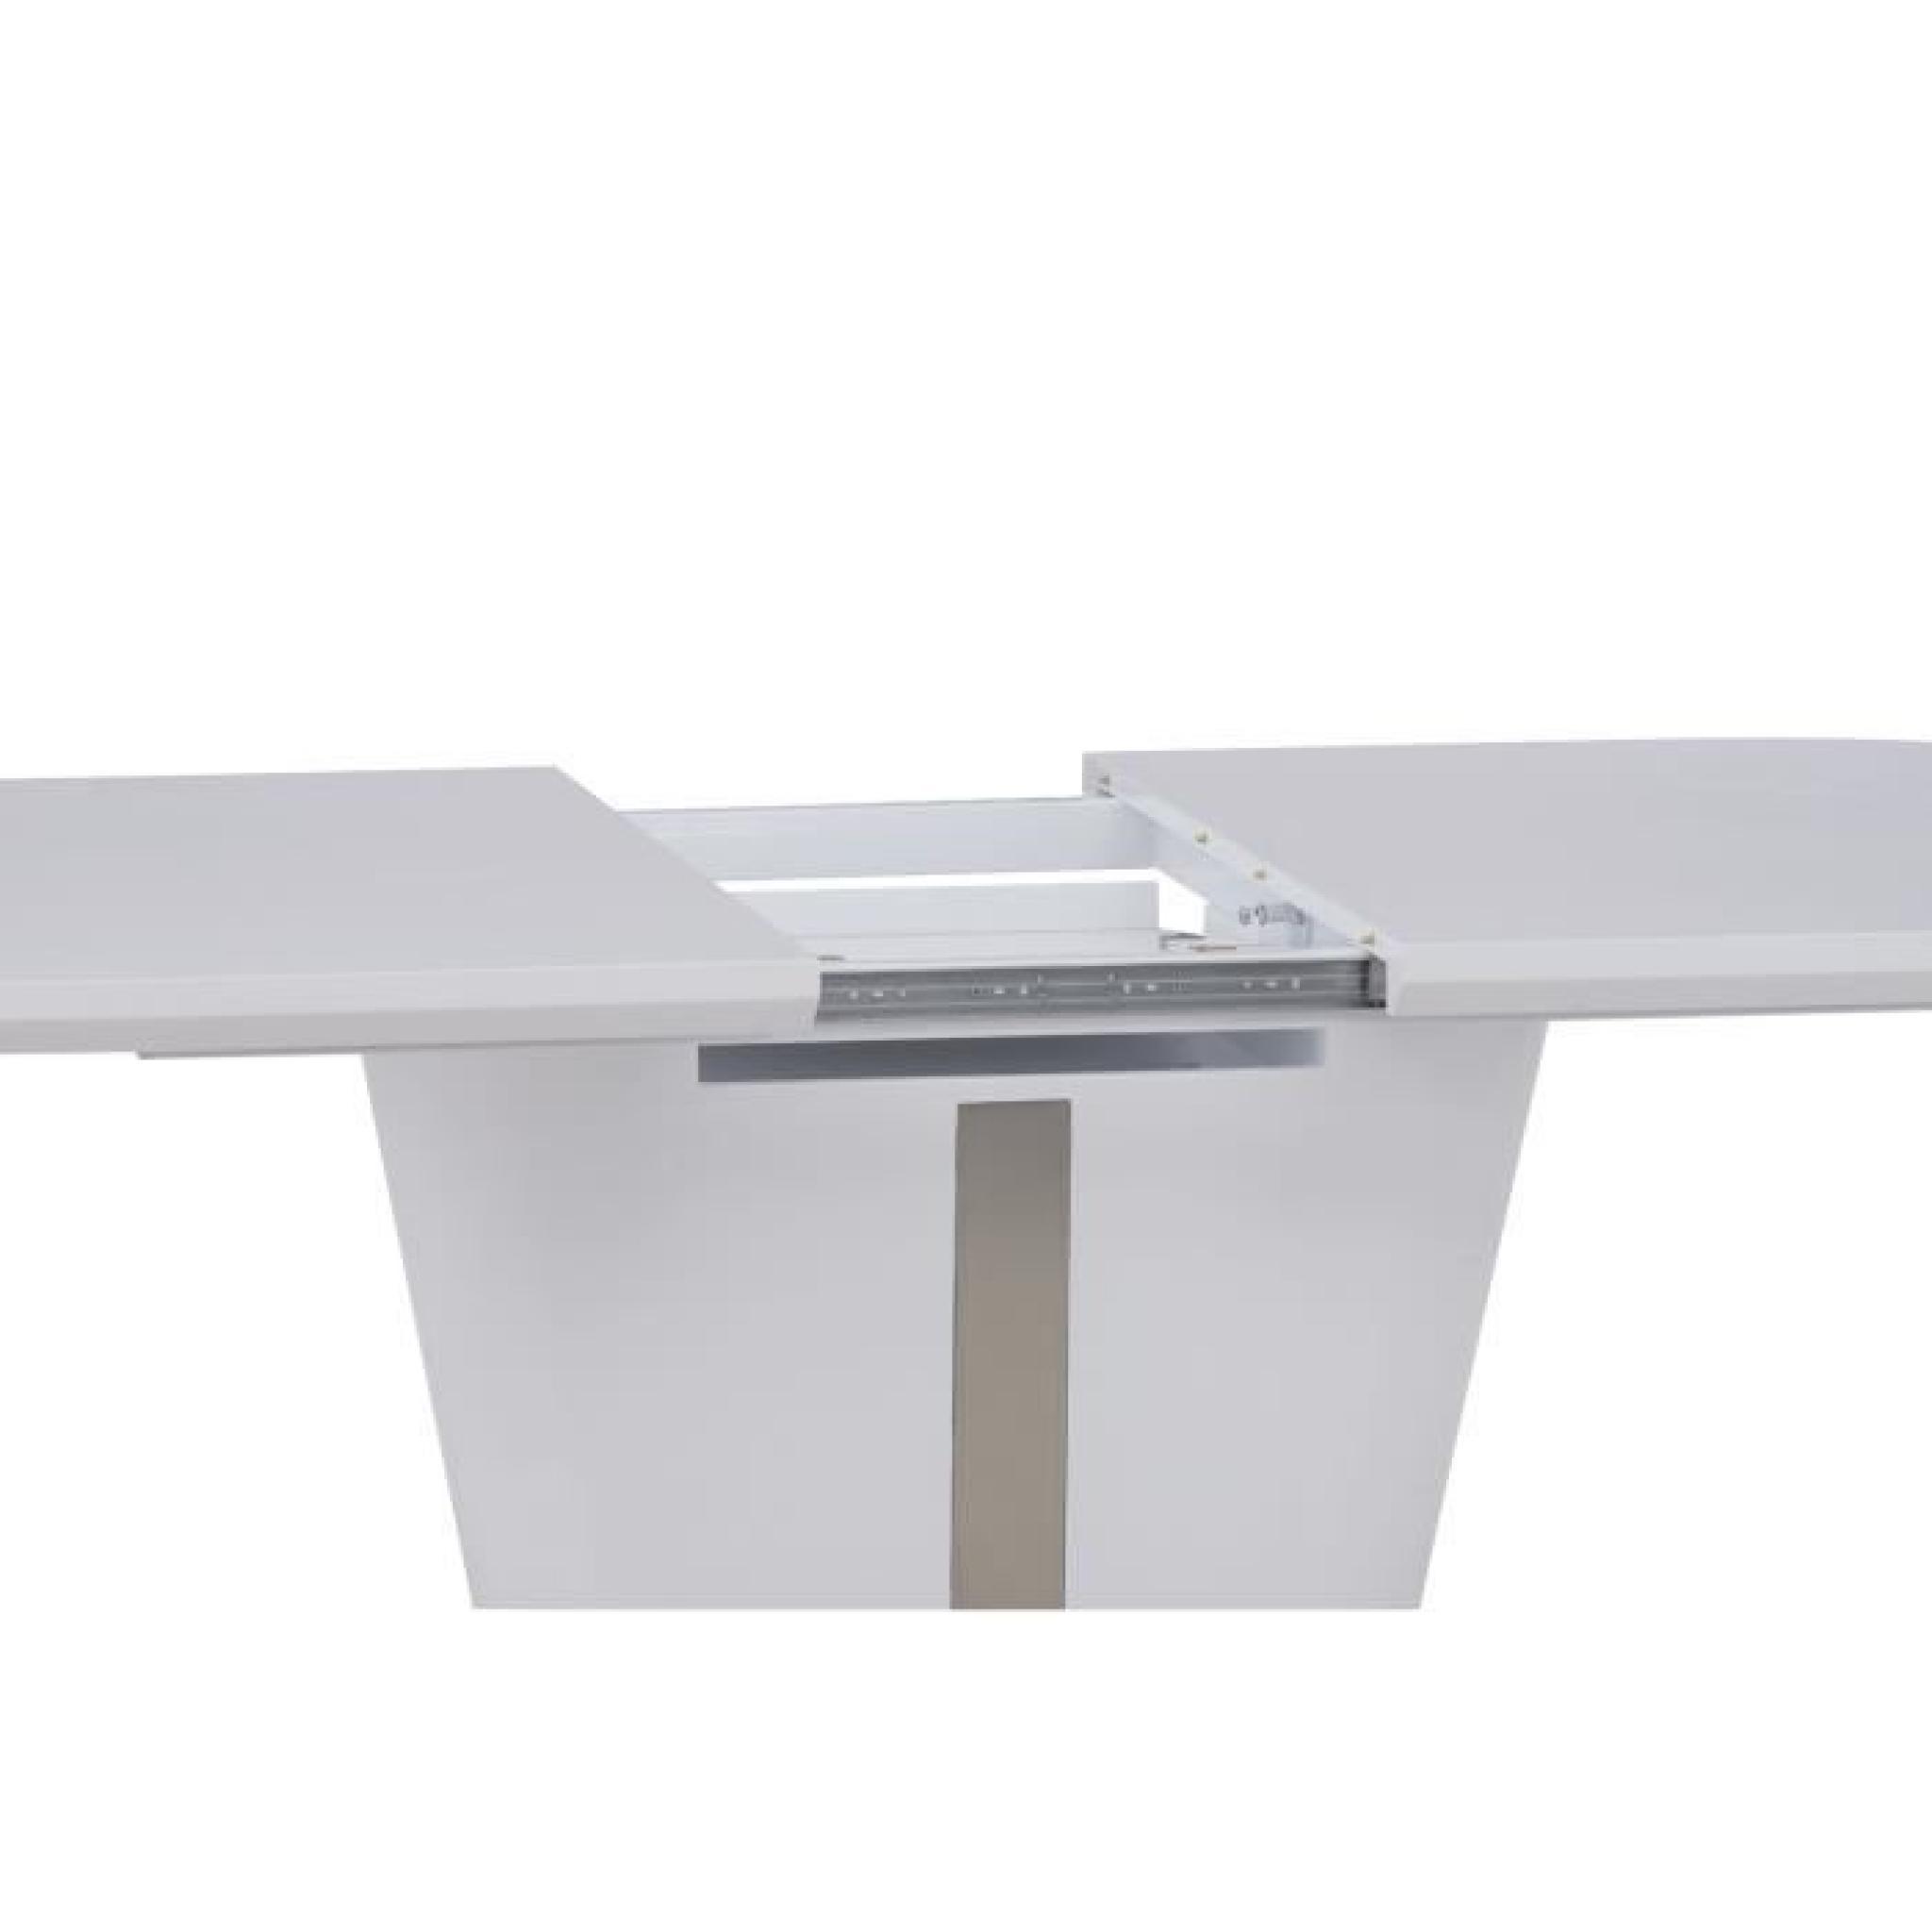 Table de chevet blanc laque pas cher type de meuble for Meuble salle de bain blanc laque pas cher